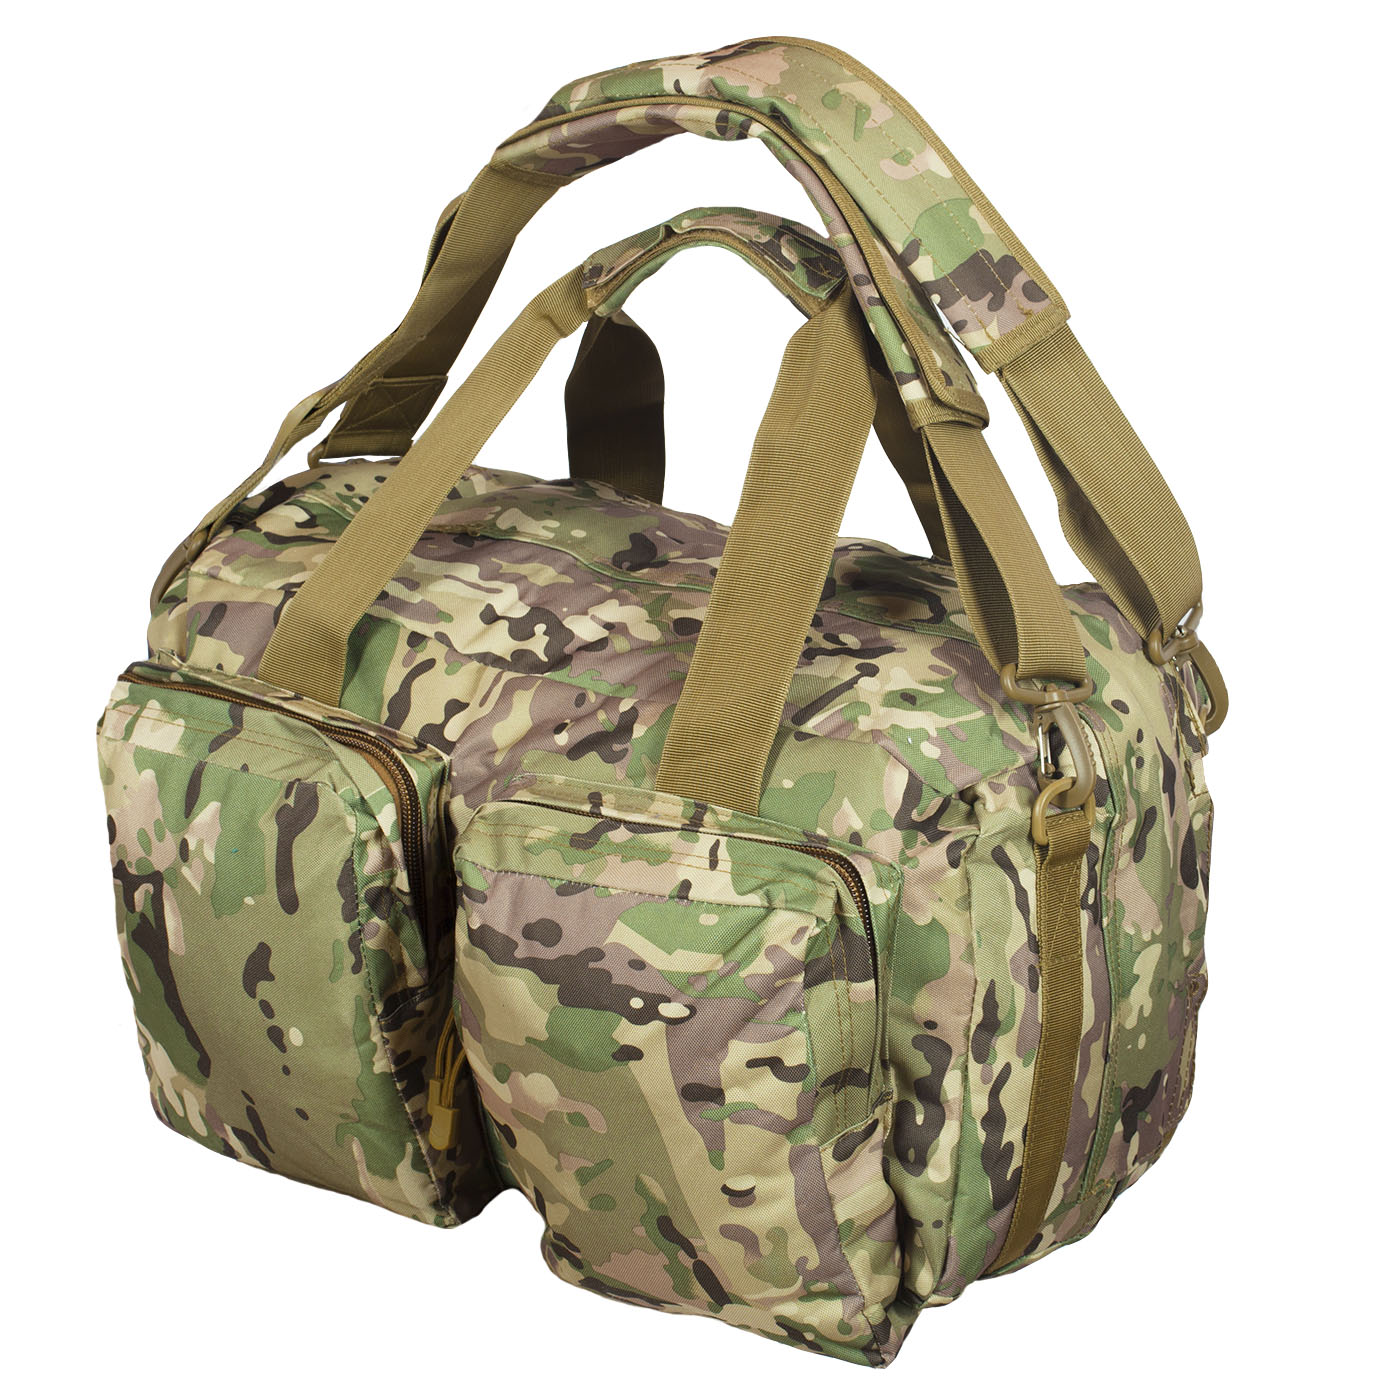 Купить камуфляжную сумку спецназовца